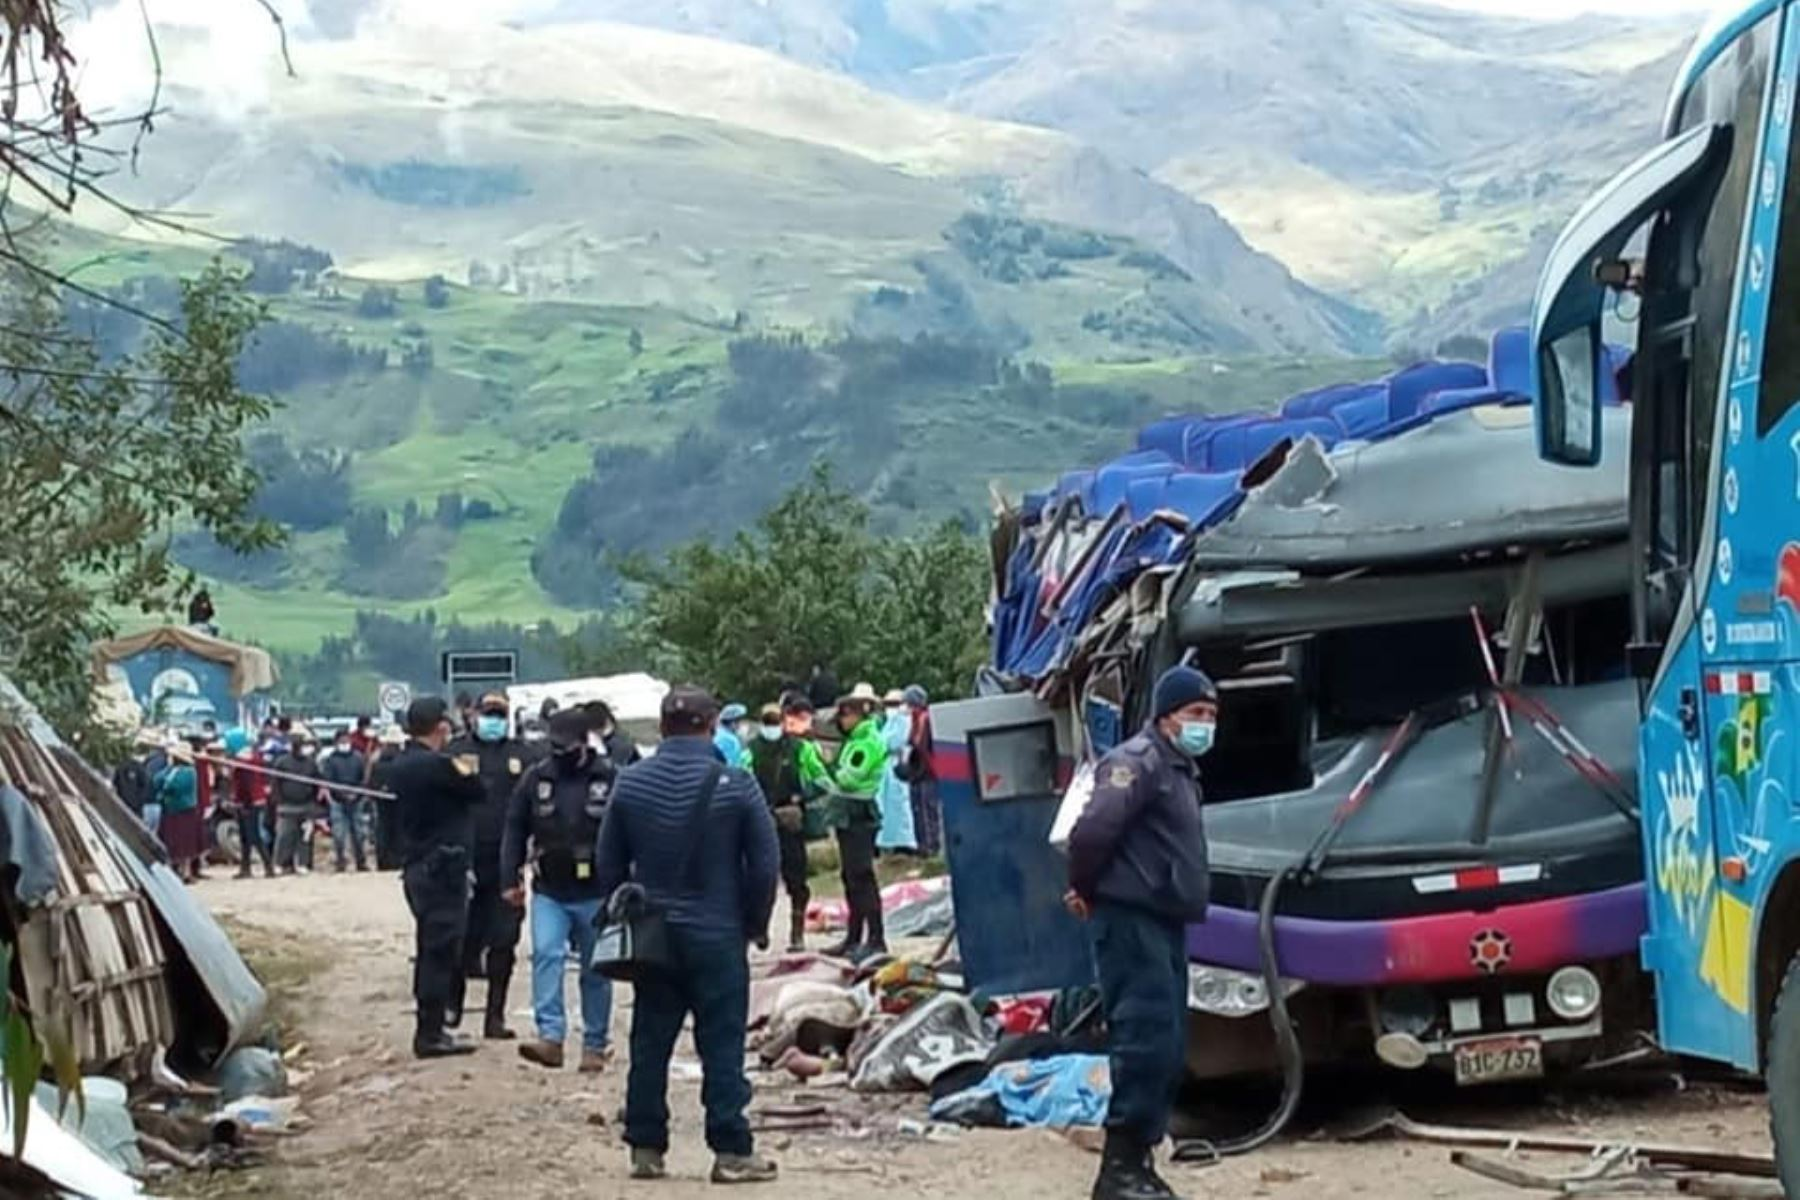 La Policía Nacional y personal de salud de Sihuas, Parobamba y Pomabamba siguen trabajando en la emergencia, el traslado de heridos e identificación de las víctimas mortales. Foto: ANDINA/Difusión